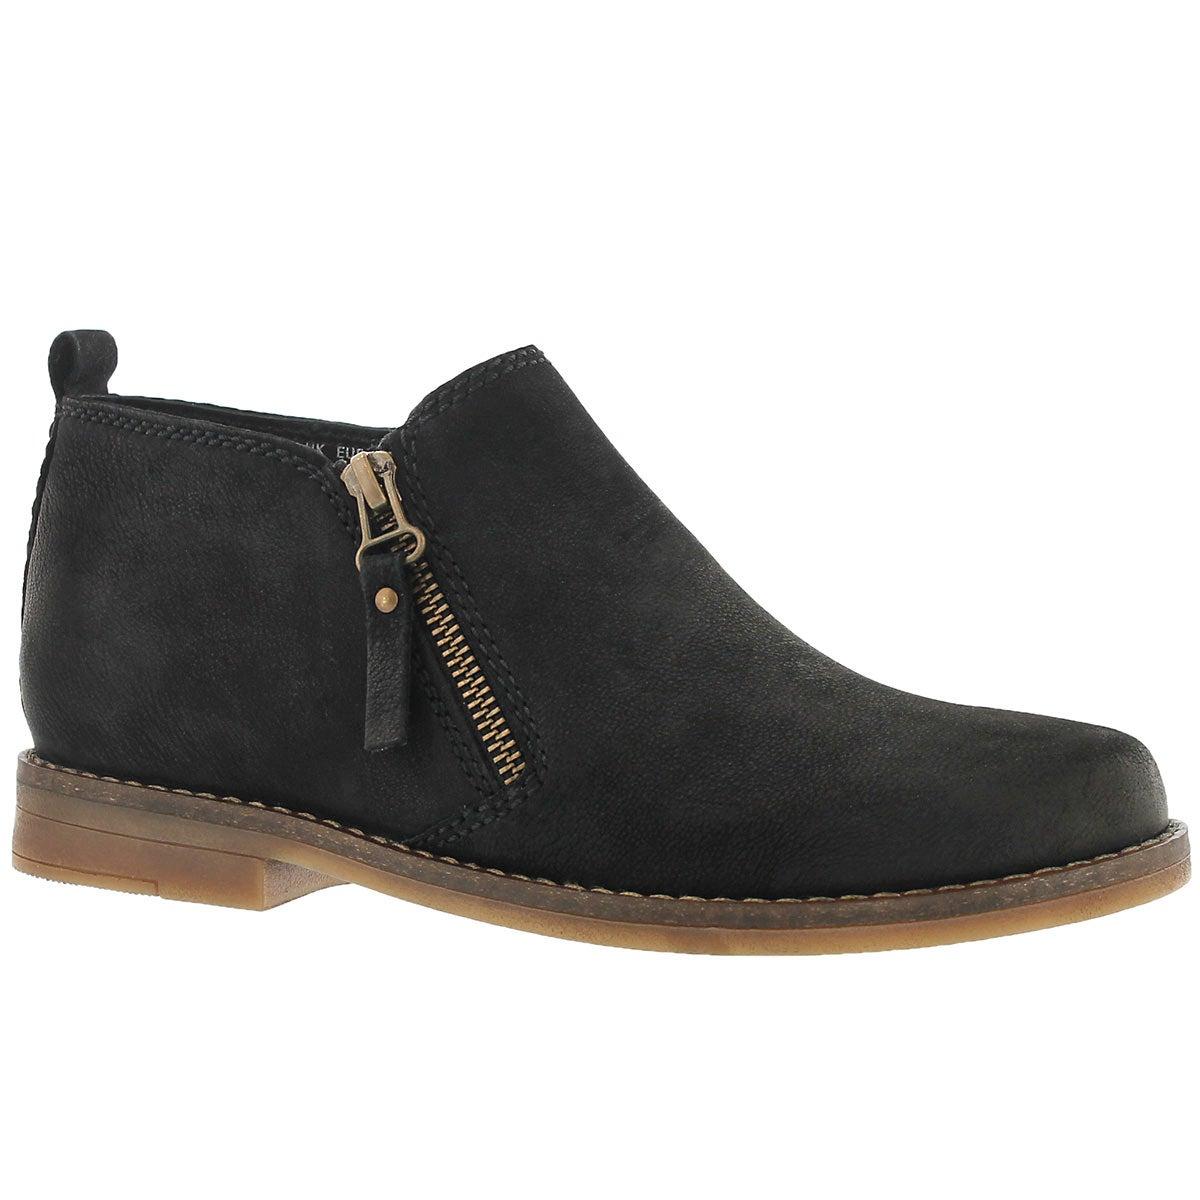 Women's MAZIN CAYTO black zip up casual boots